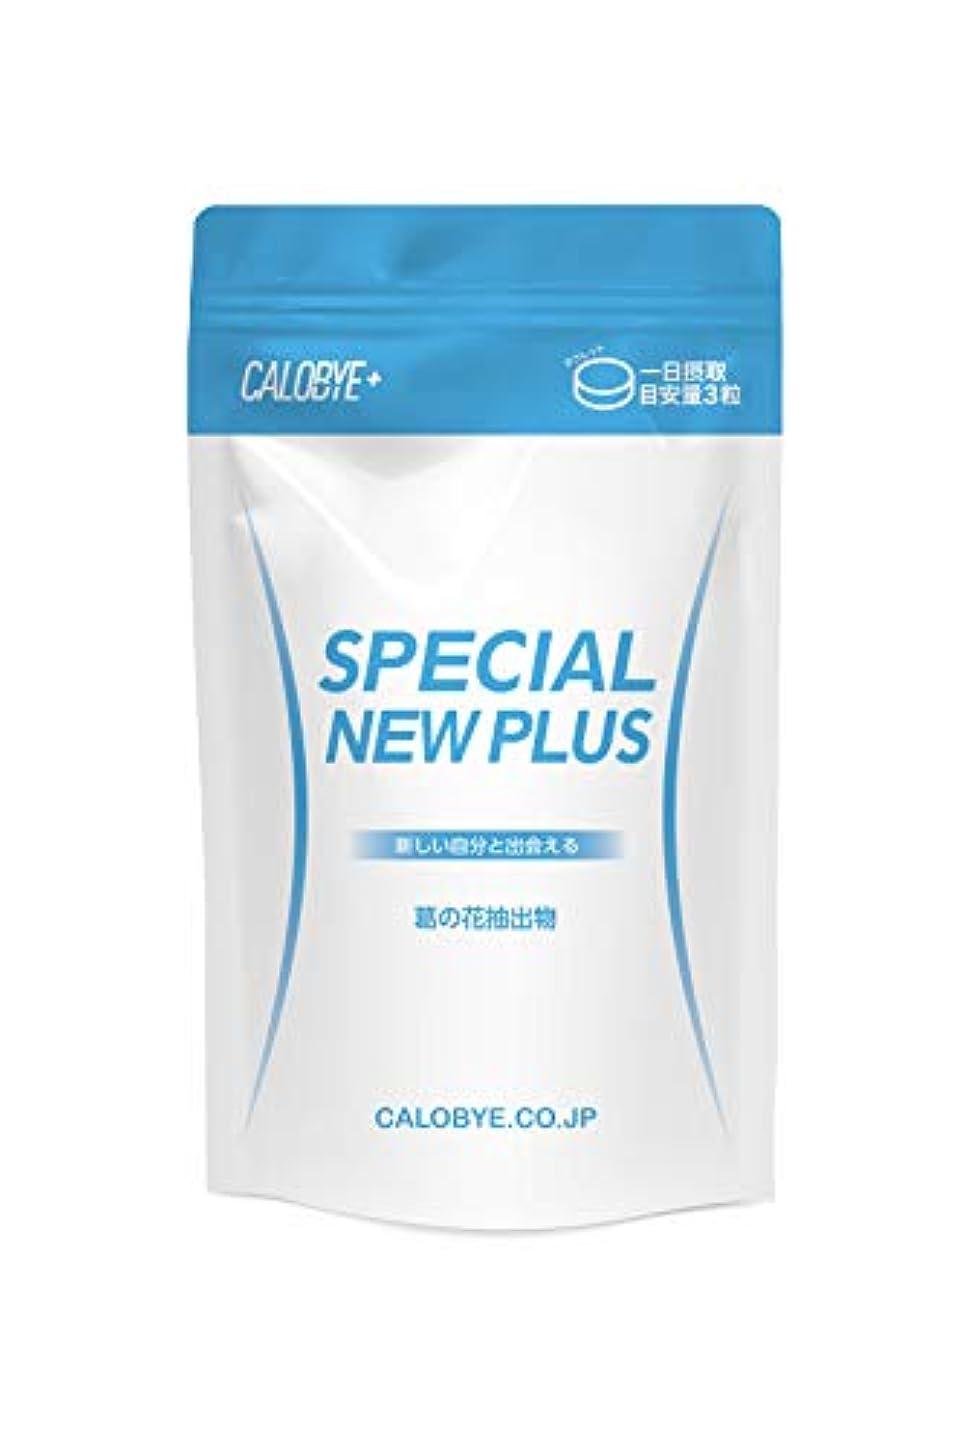 クリア味裸【カロバイプラス公式】CALOBYE+ Special New Plus(カロバイプラス?スペシャルニュープラス) …